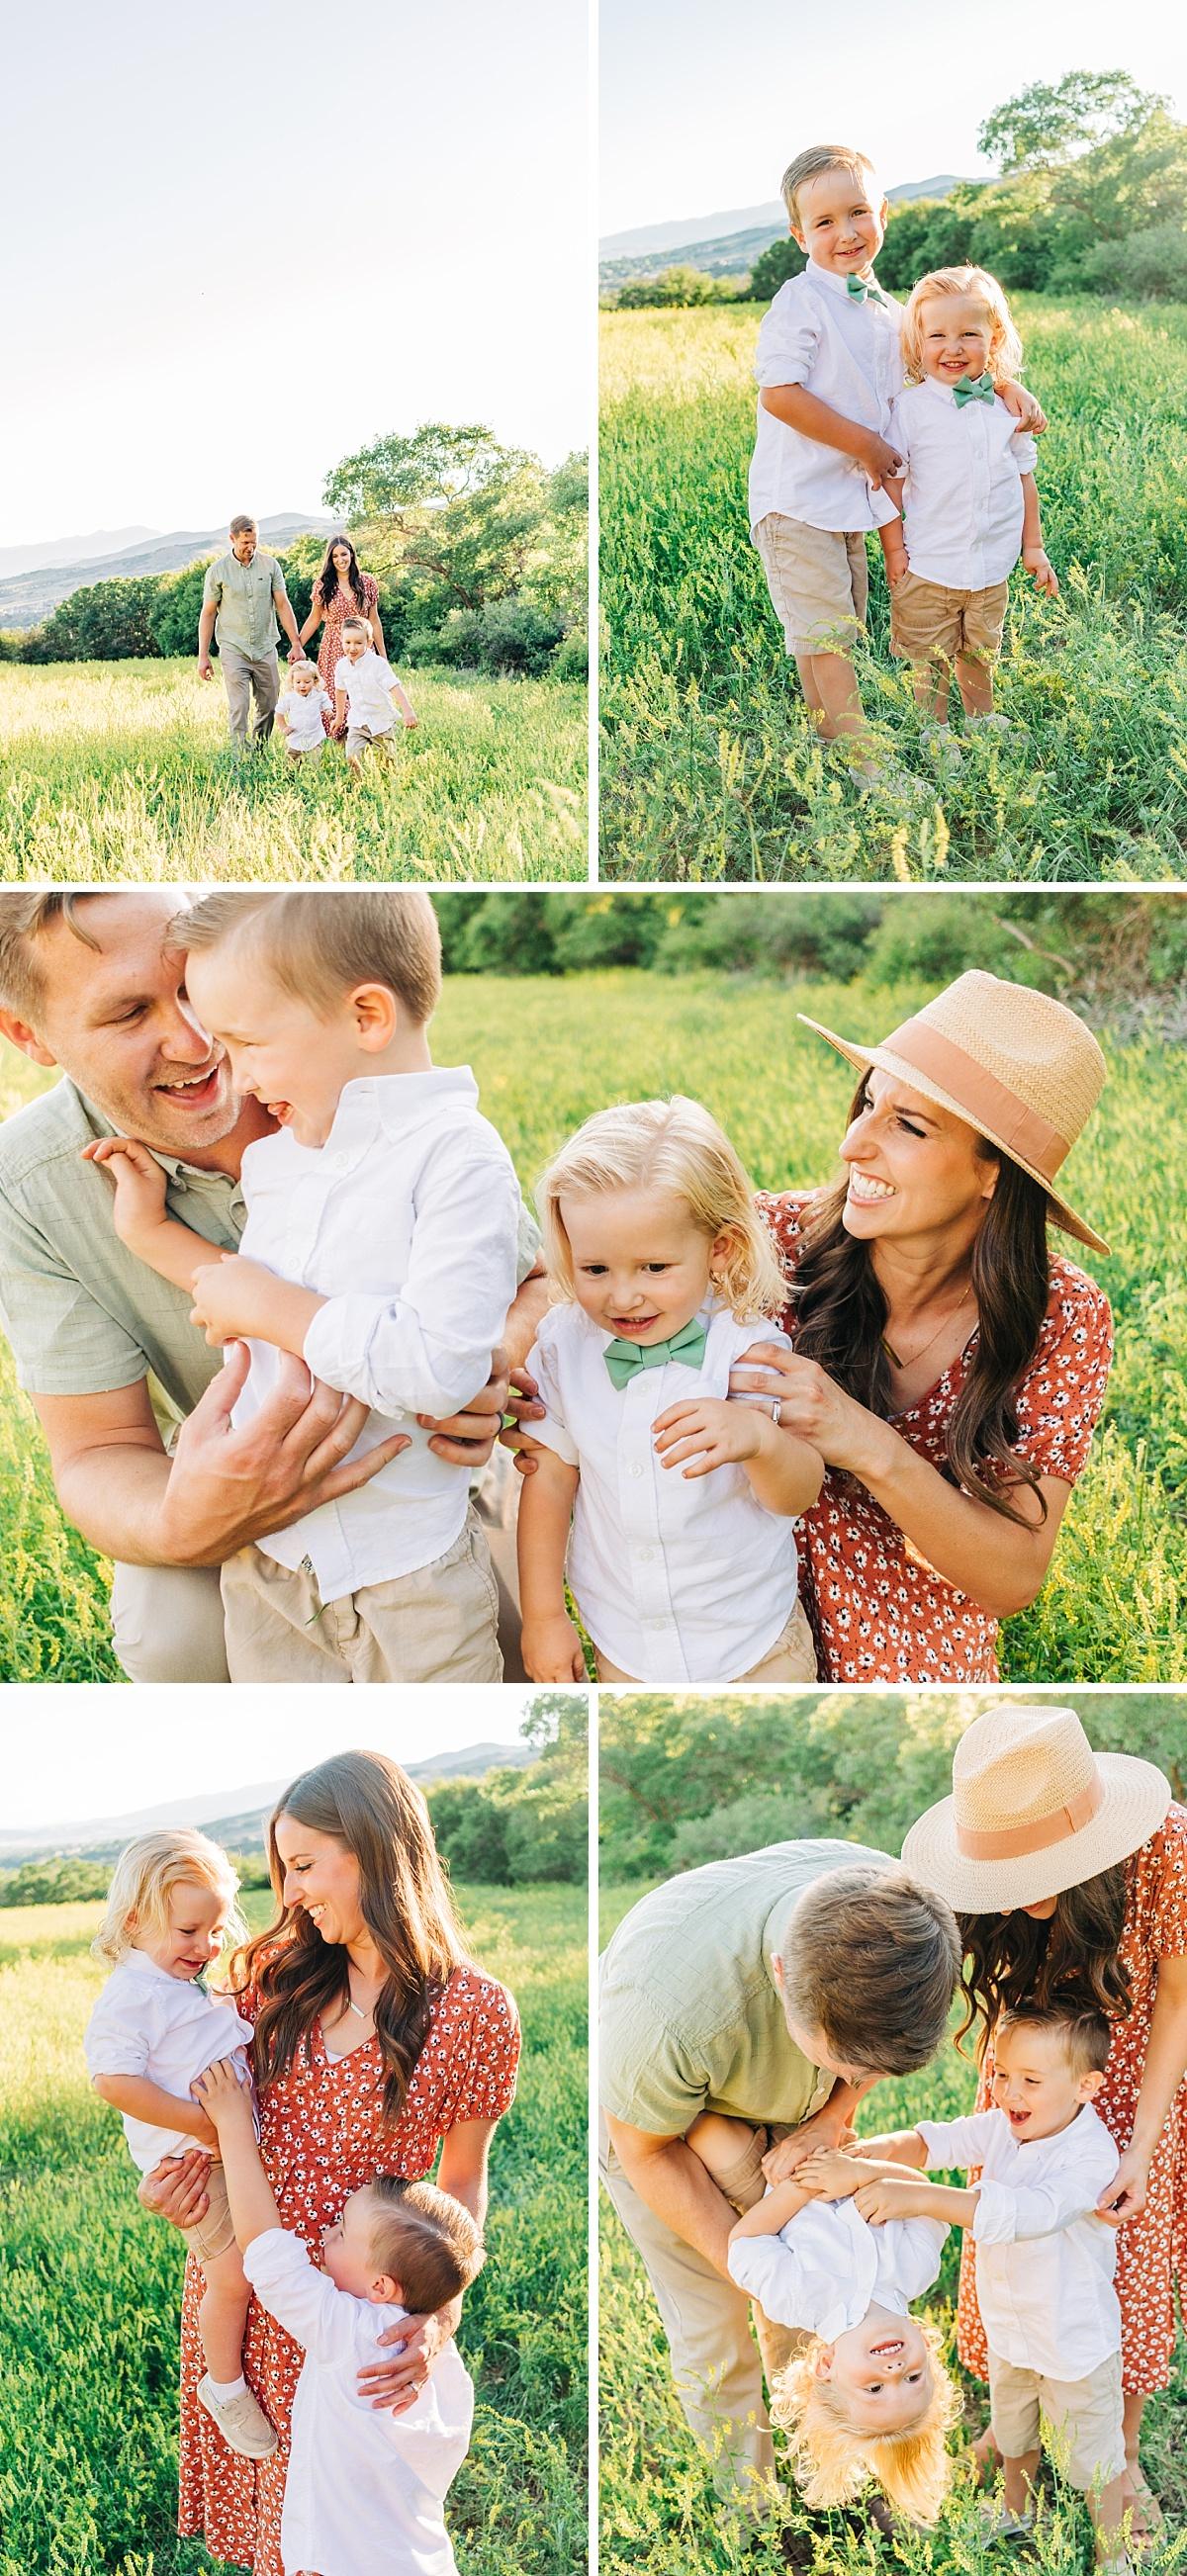 UTAH SUMMER FAMILY PICTURES   UTAH FAMILY PHOTOGRAPHER